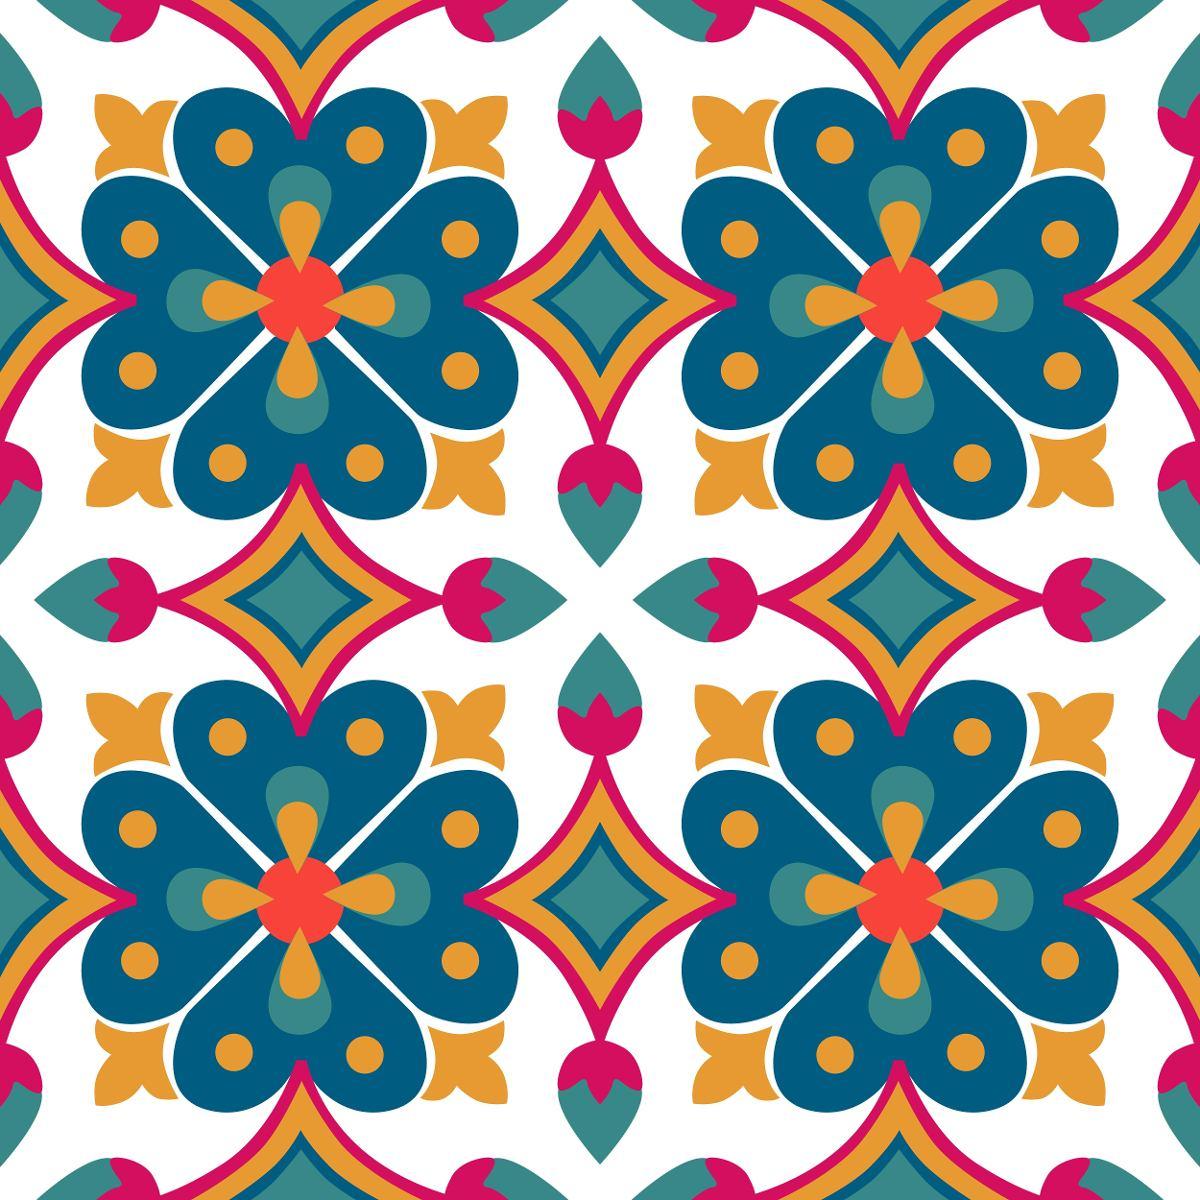 Adesivos decorativos personalizados mosaico azulejos r for Azulejos personalizados